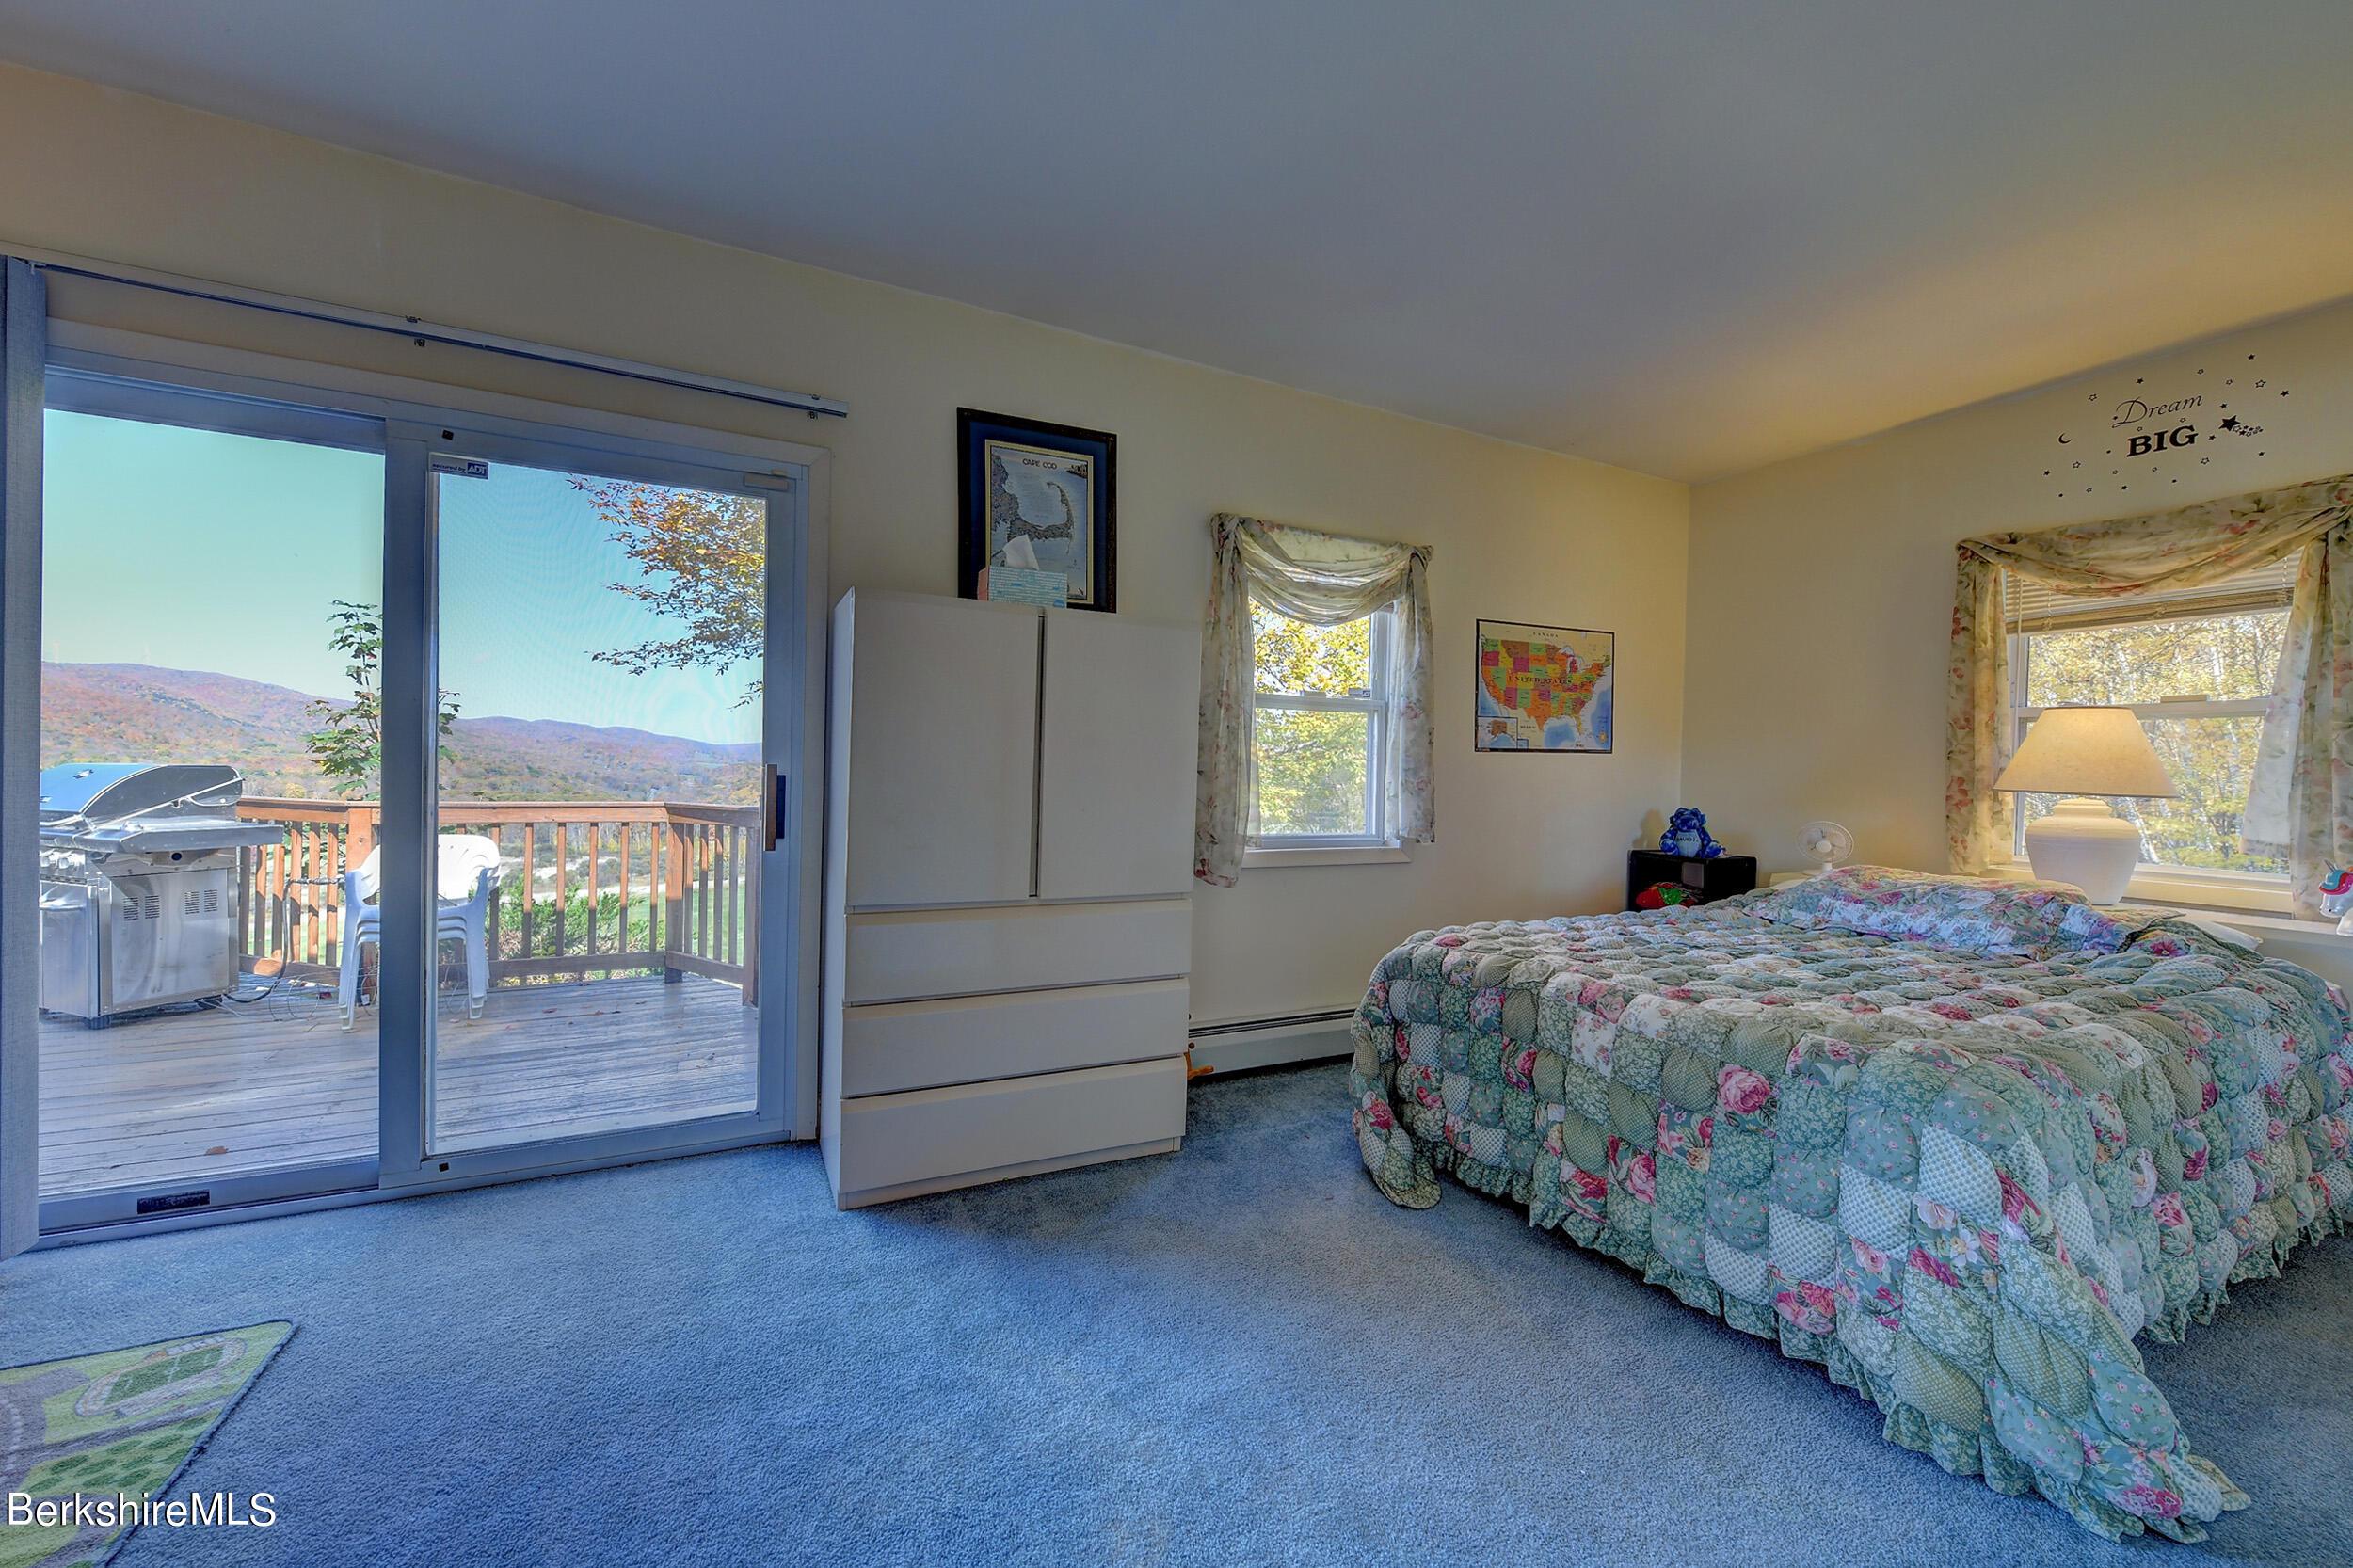 242 Bedroom 2